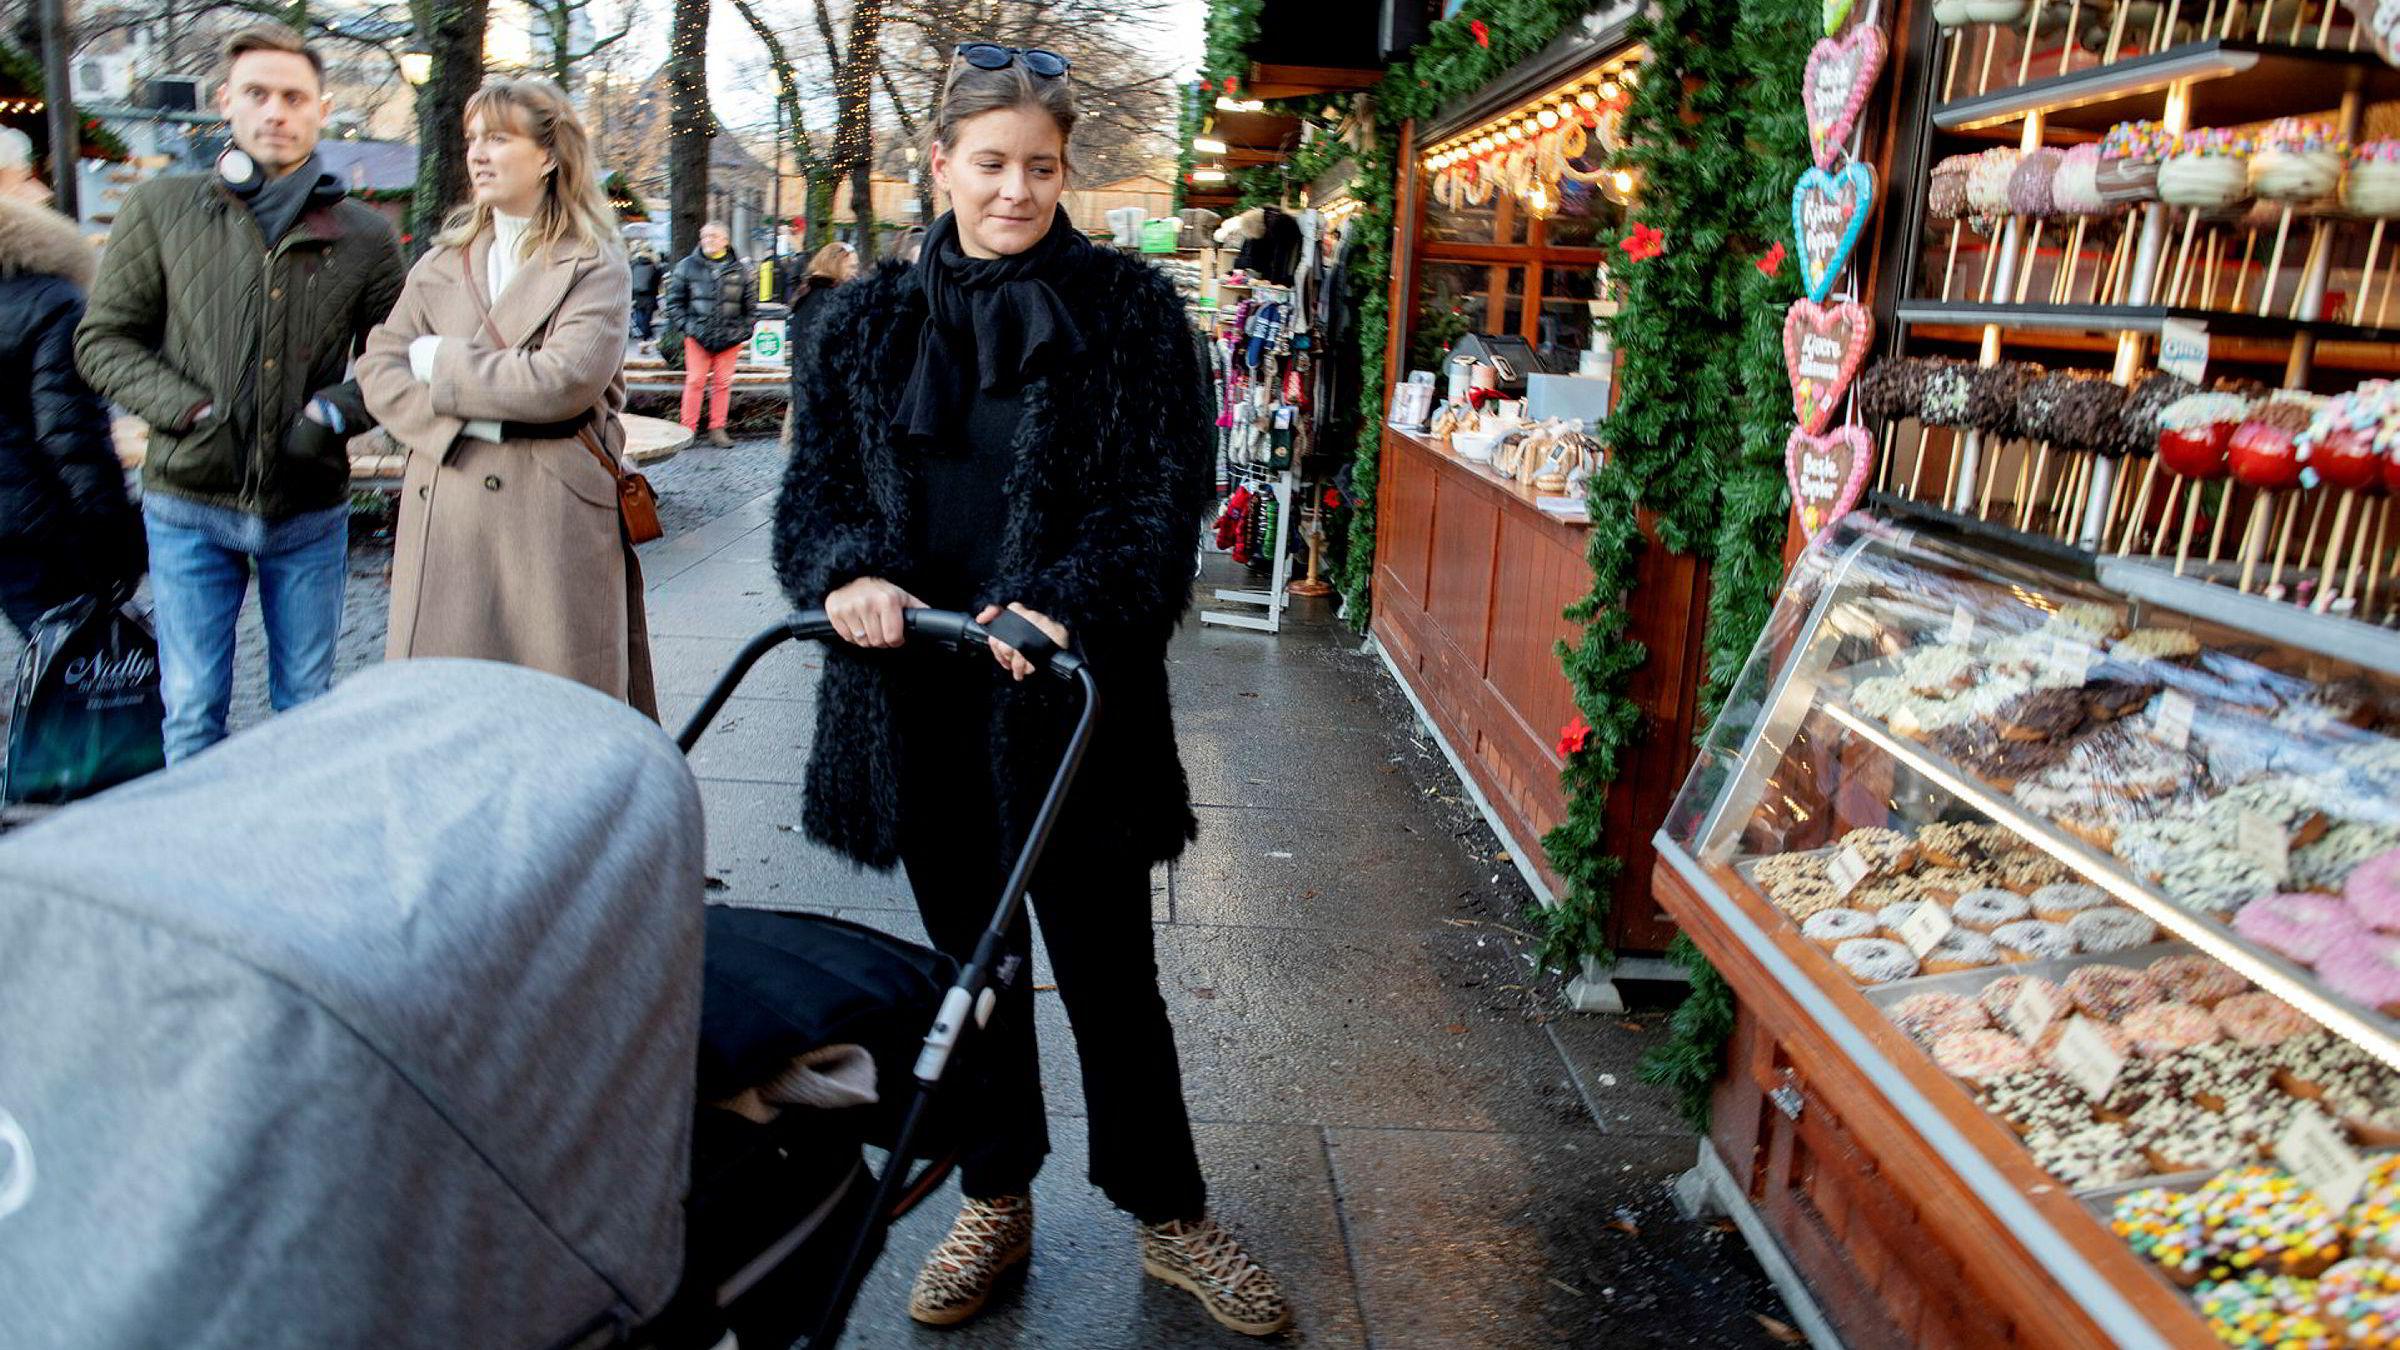 – Det er begrenset hvor mye man trenger egentlig, sier Thea Hellstenius. Hun er i fødselspermisjon og er på julemarked på Karl Johan med datteren Louise.